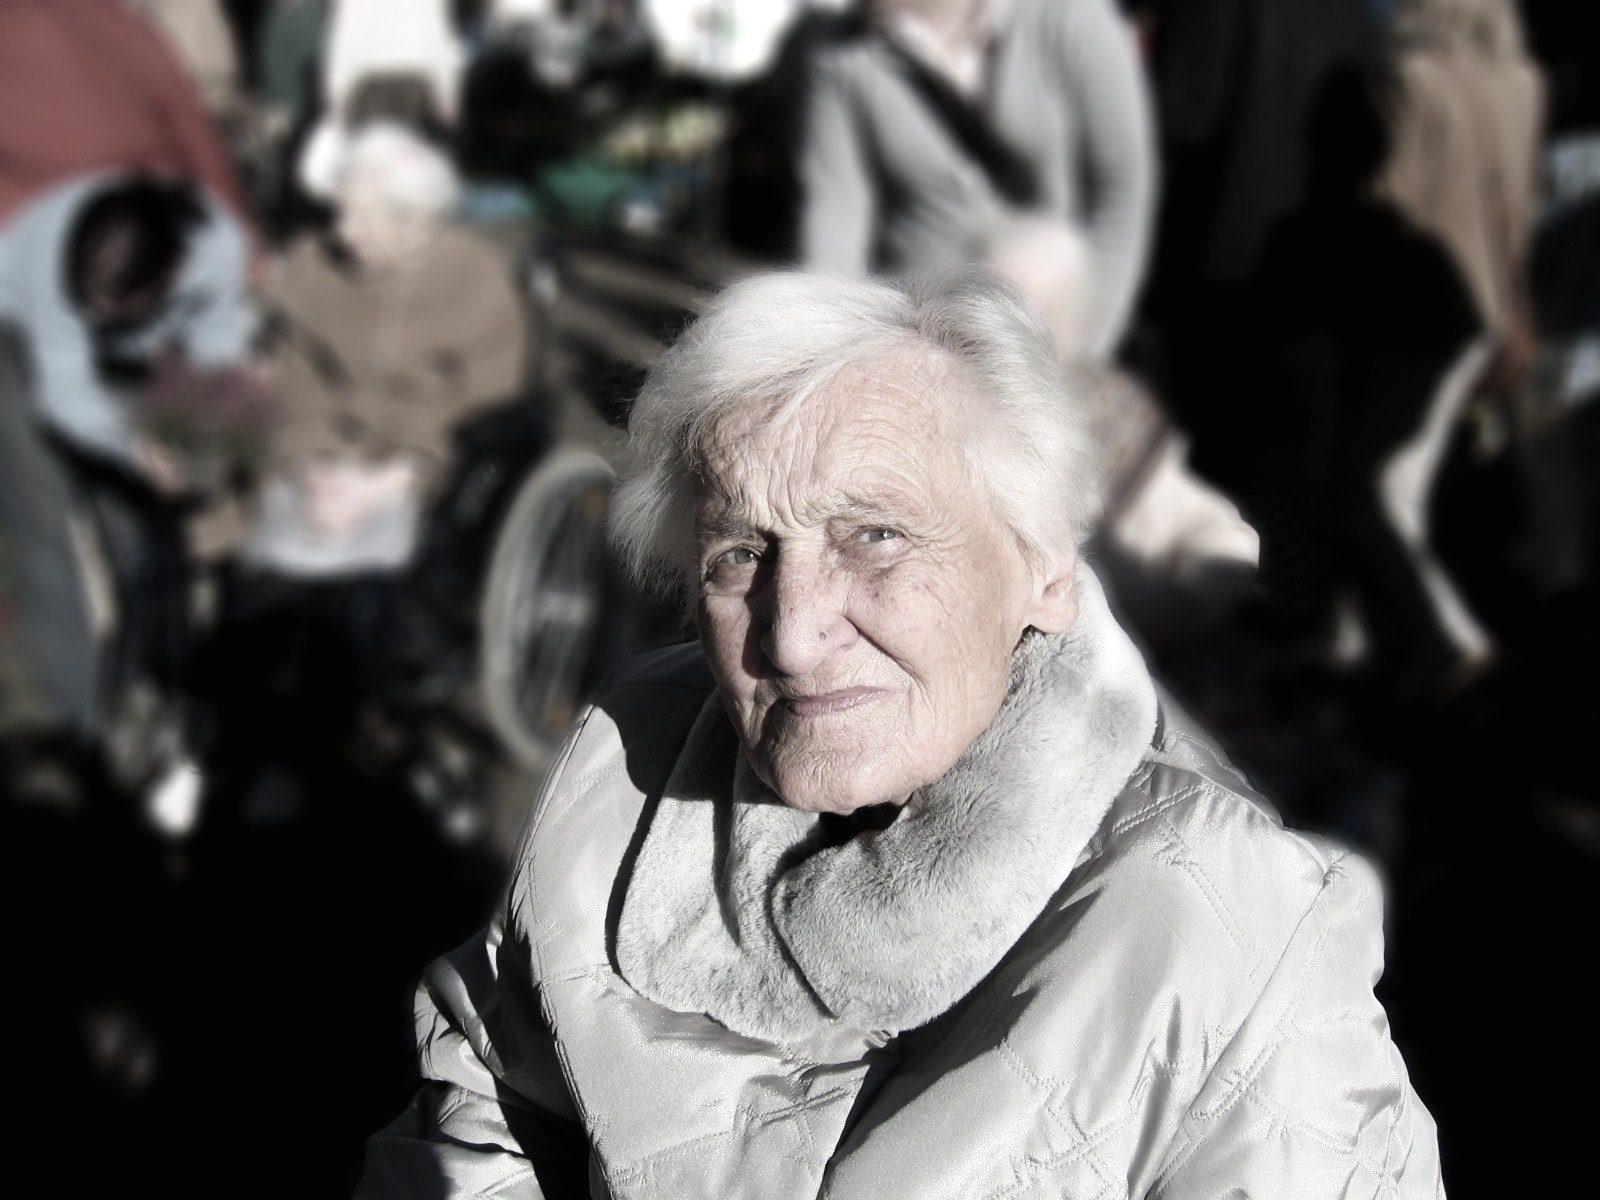 probleemgedrag bij dementie oudere vrouw die vragend kijkt